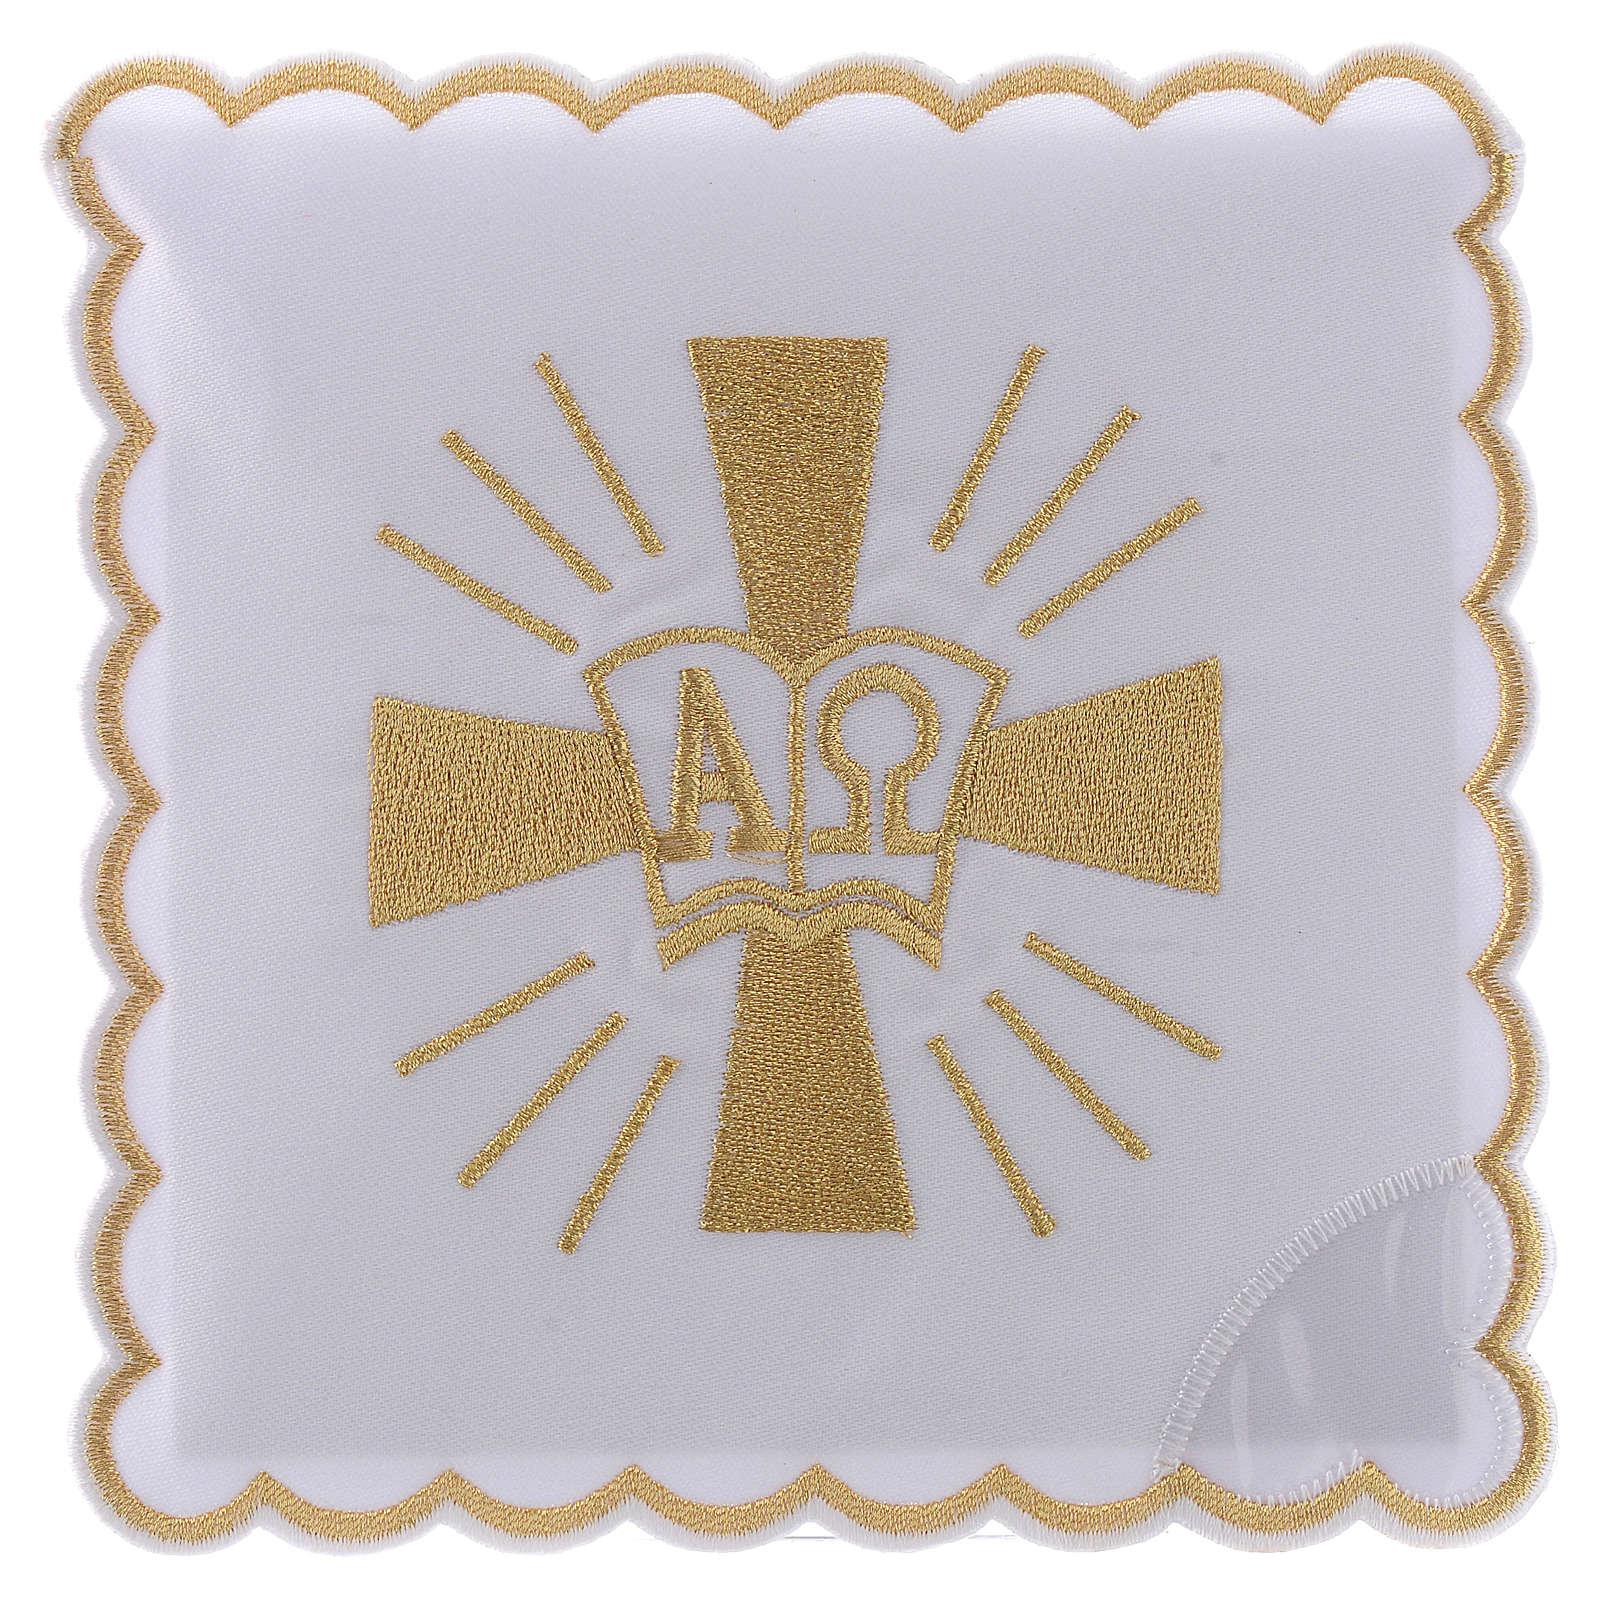 Servizio da altare cotone croce simboli Alfa e Omega 4